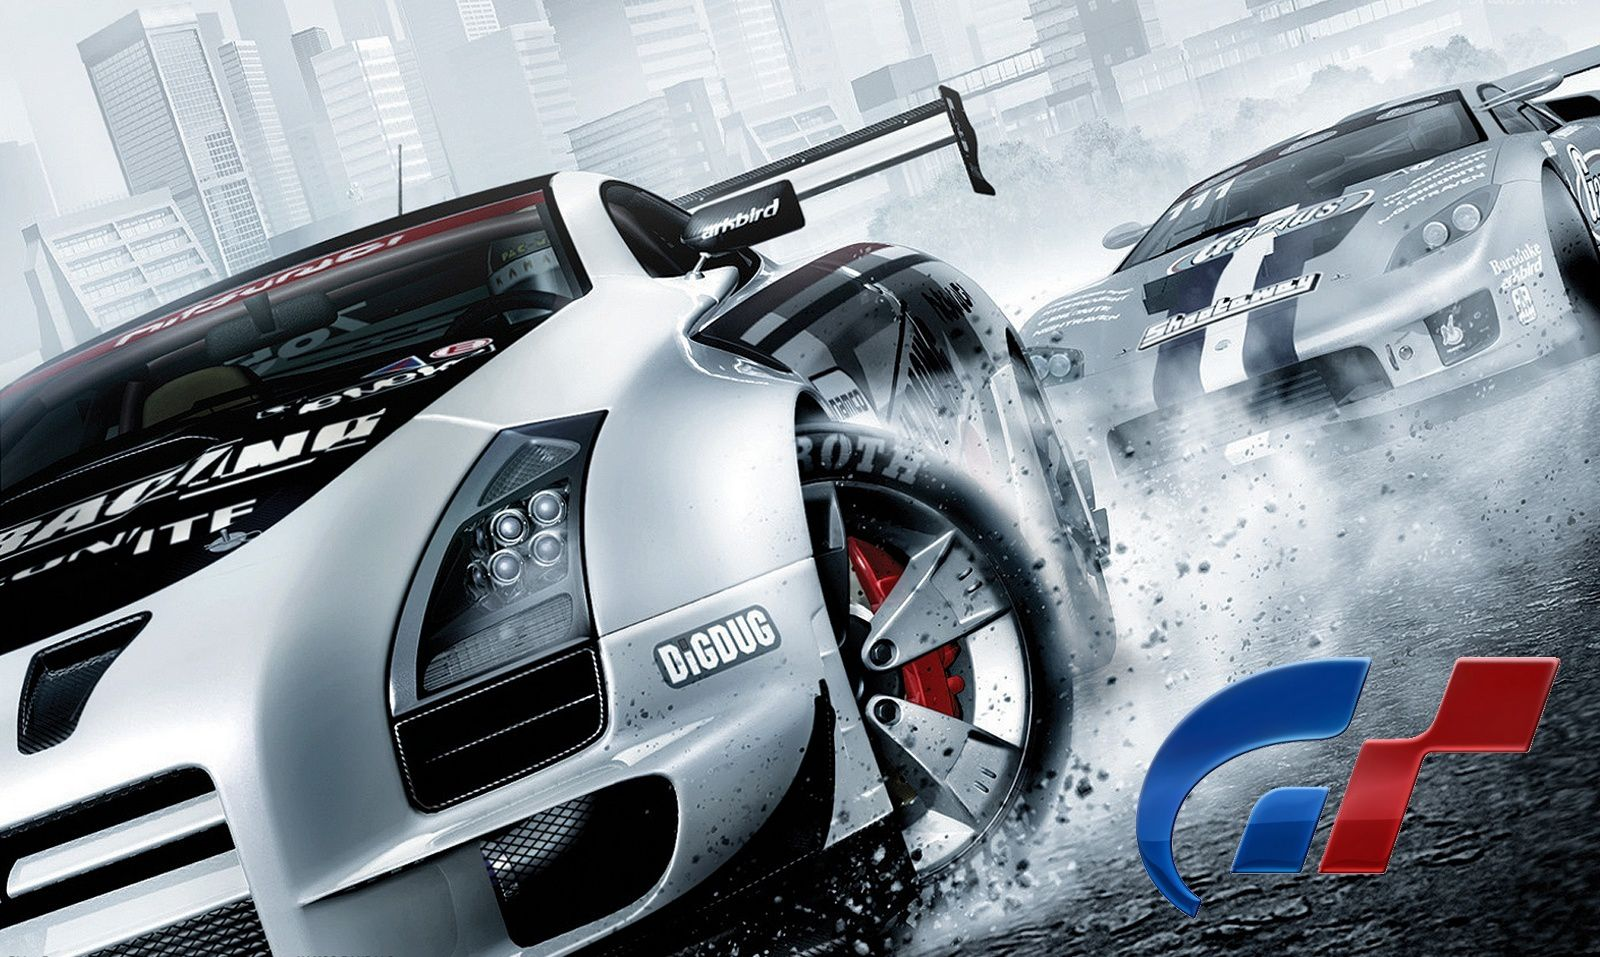 Le film Gran Turismo sera dirigé par le réalisateur d'Oblivion